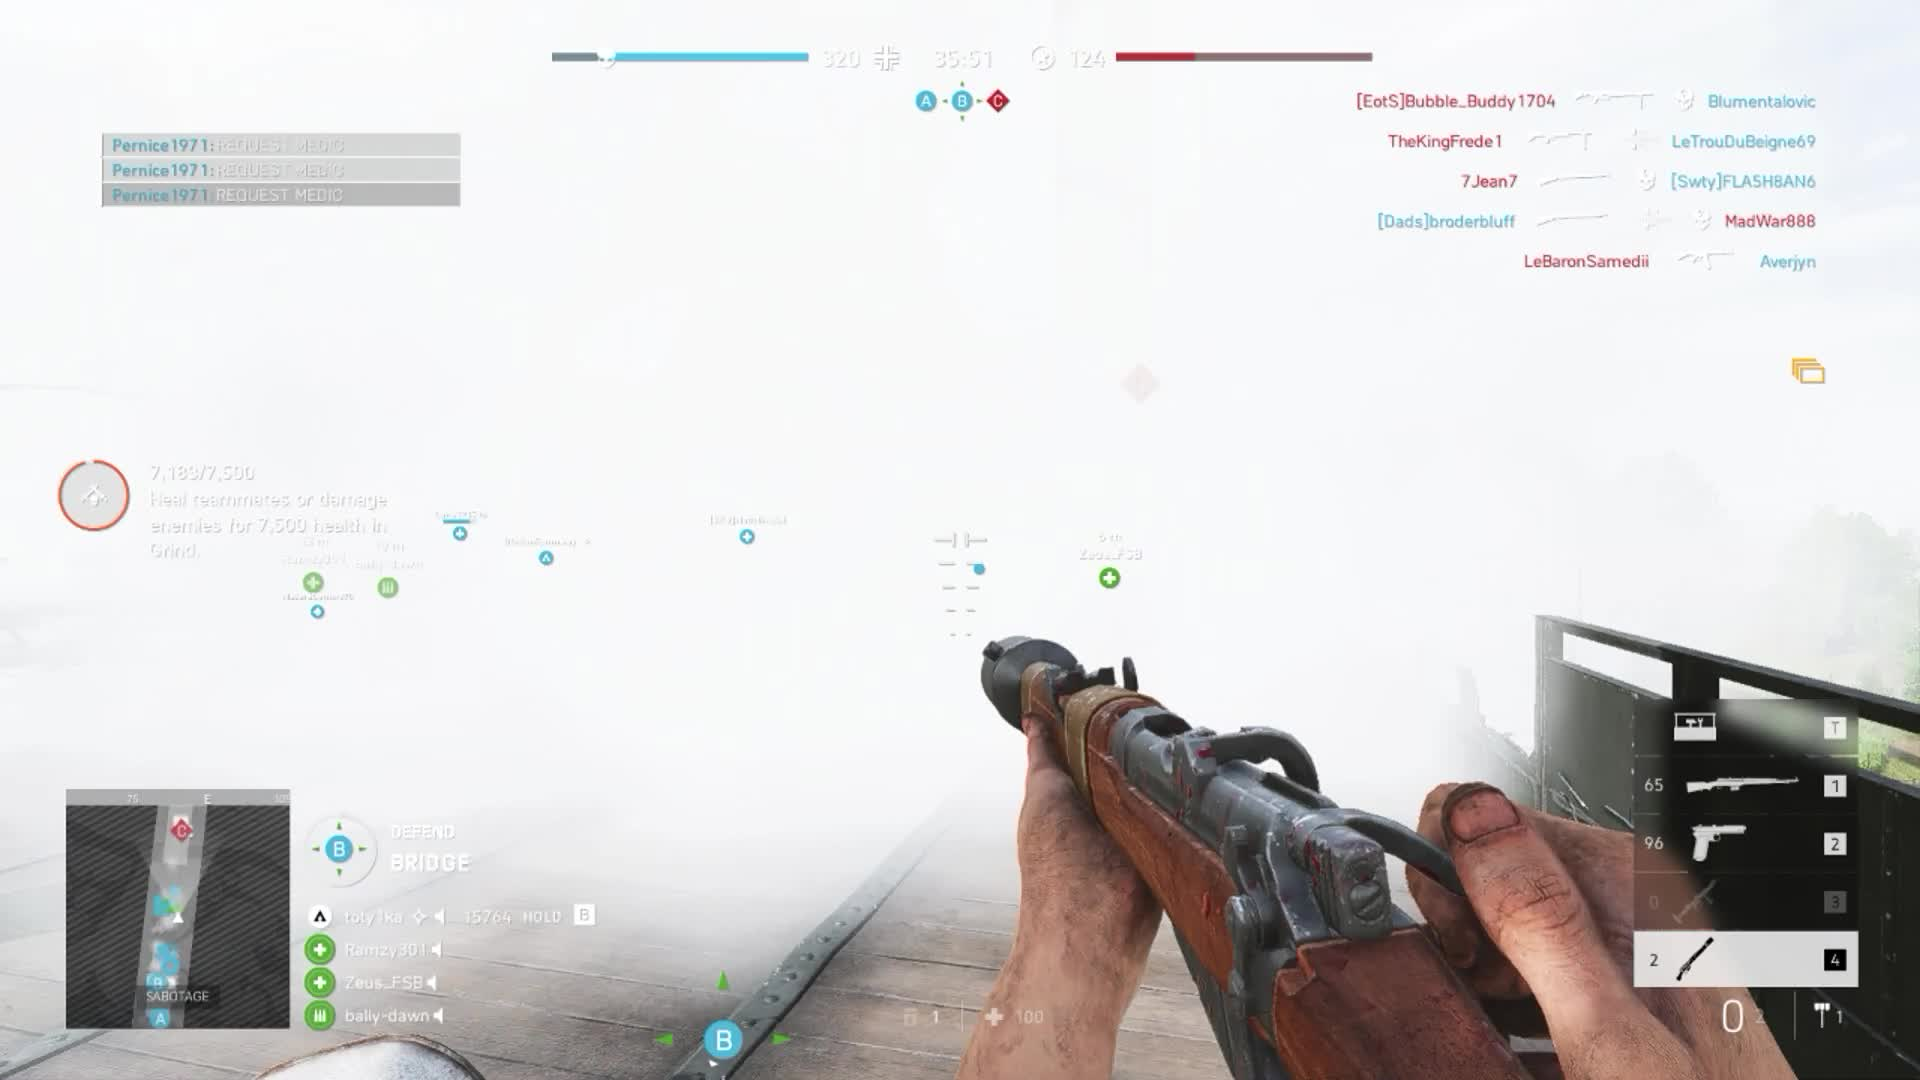 bf, bf5, bfv, frag grenade, multikill, pentakill, Battlefield V - Grind GIFs